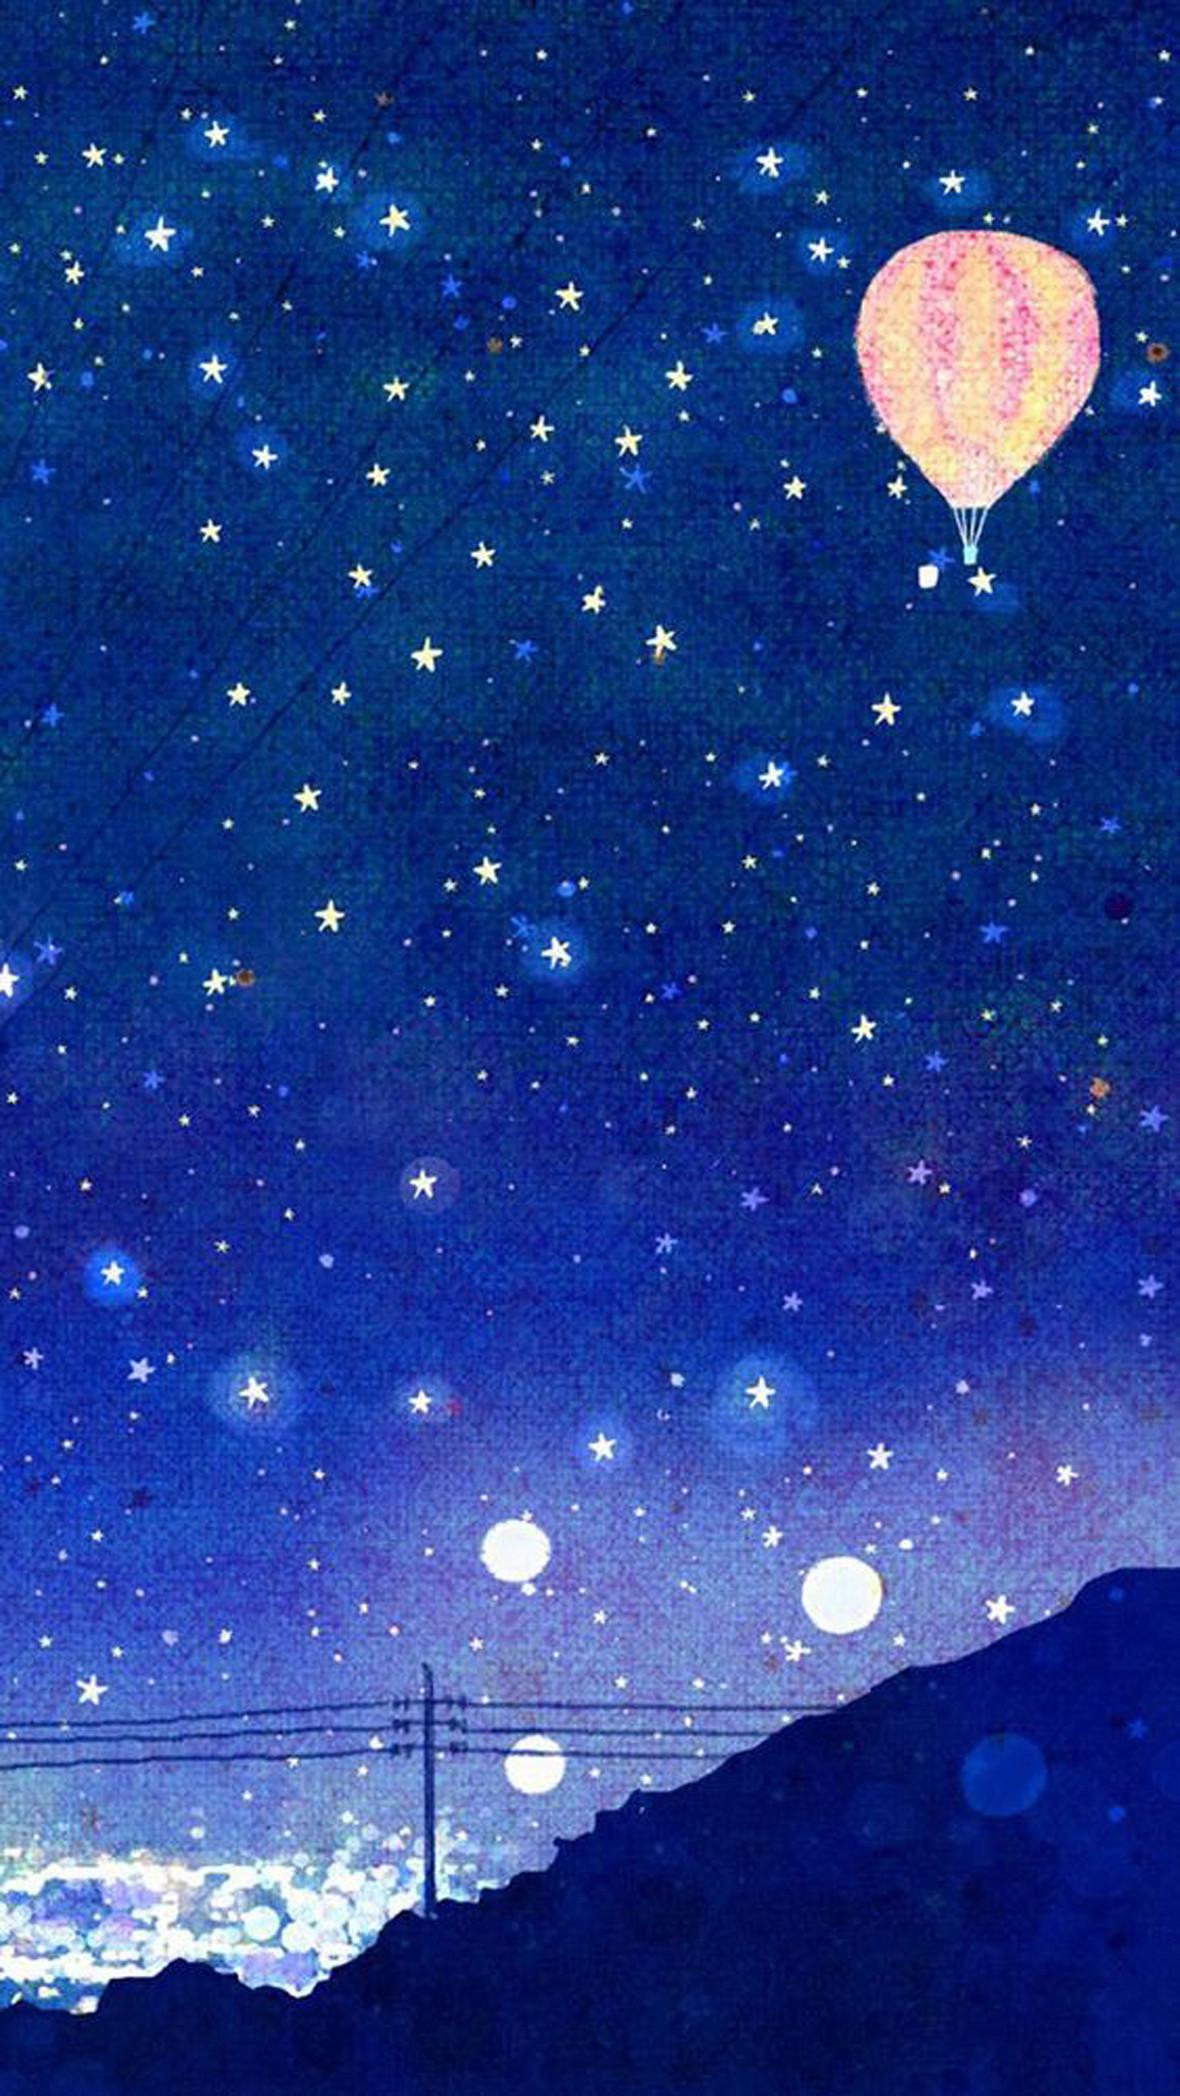 手绘水彩夜空背景